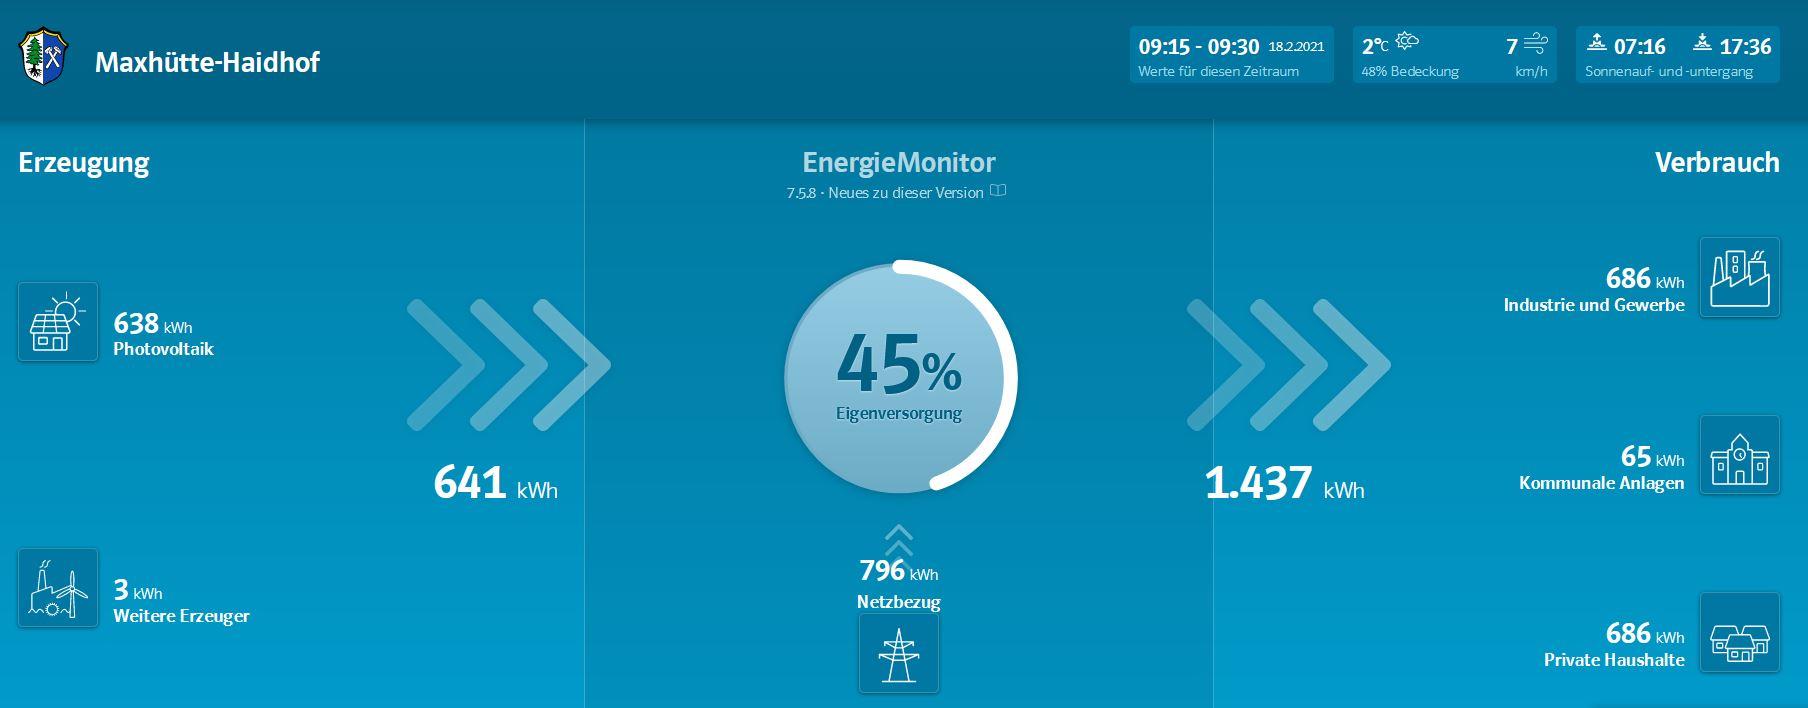 Energiemonitor Maxhütte-Haidhof